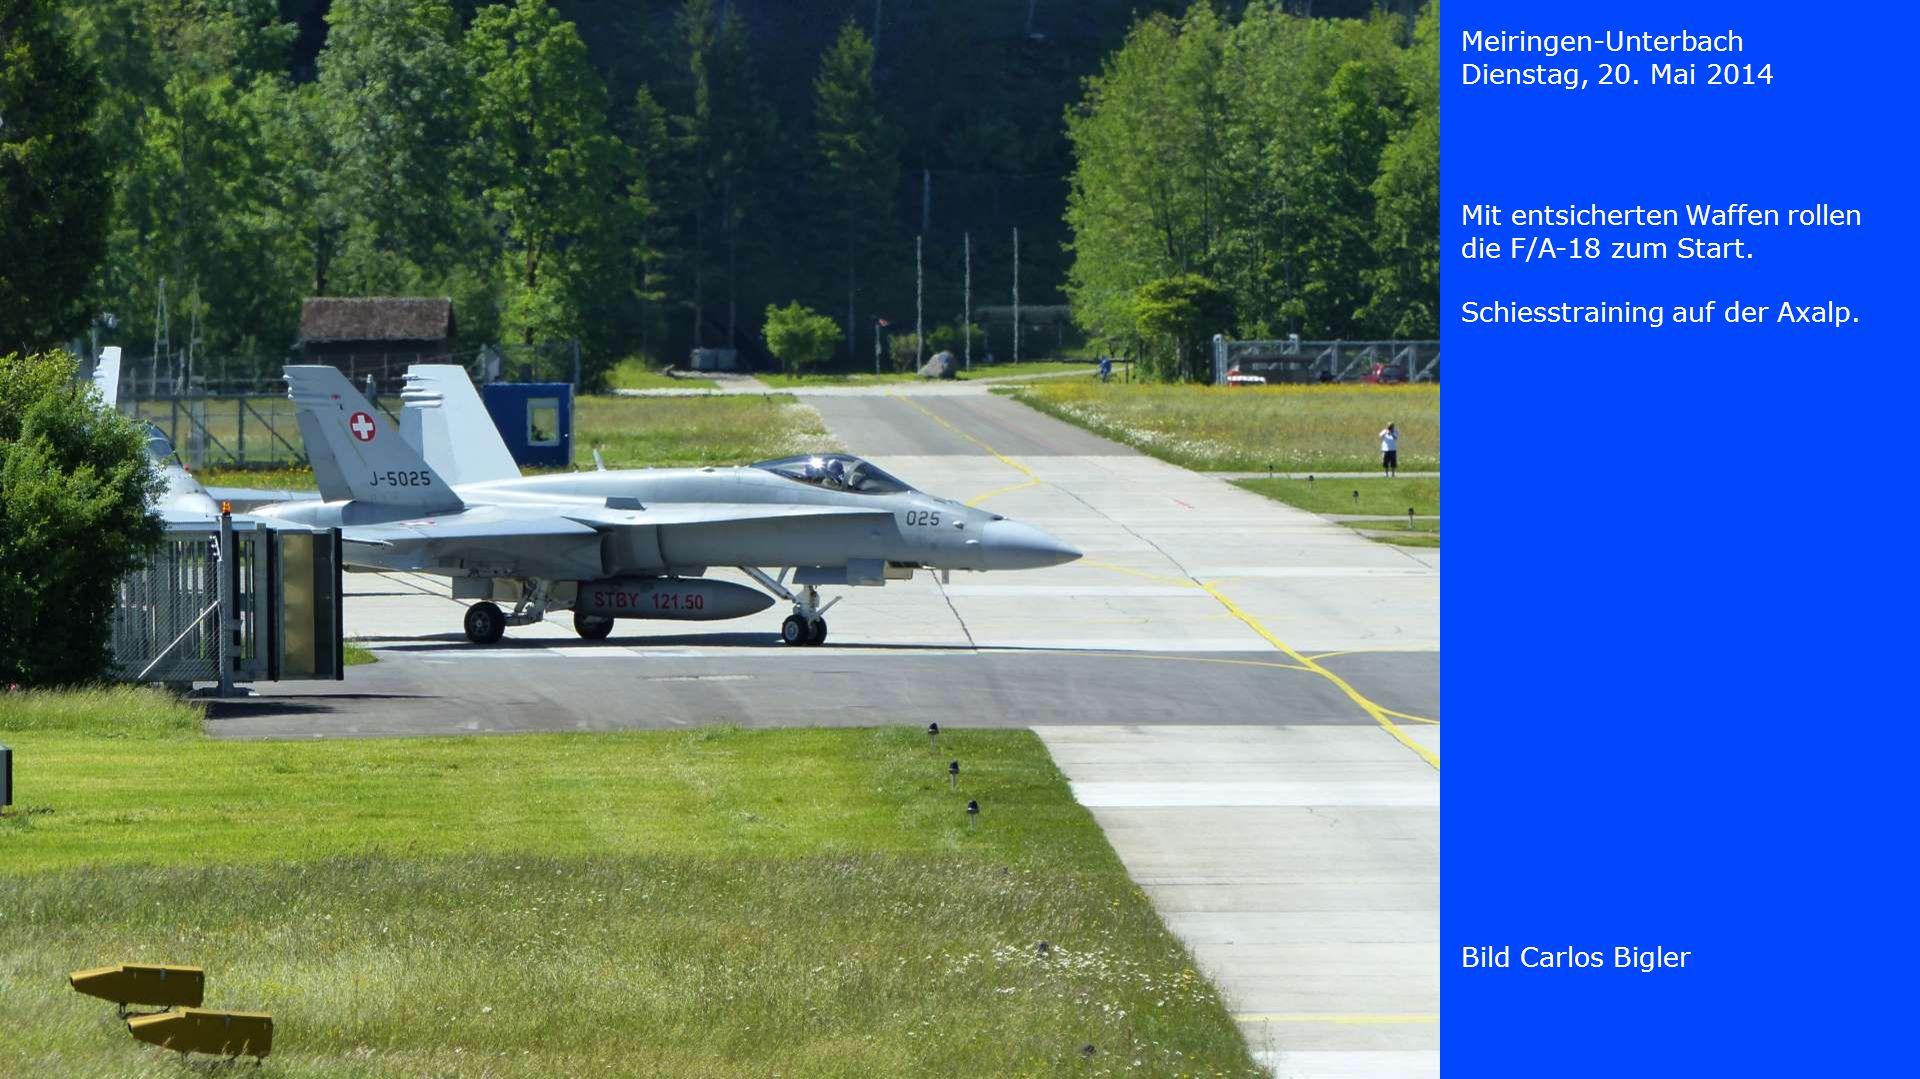 Meiringen-Unterbach Dienstag, 20. Mai 2014. Mit entsicherten Waffen rollen die F/A-18 zum Start. Schiesstraining auf der Axalp.